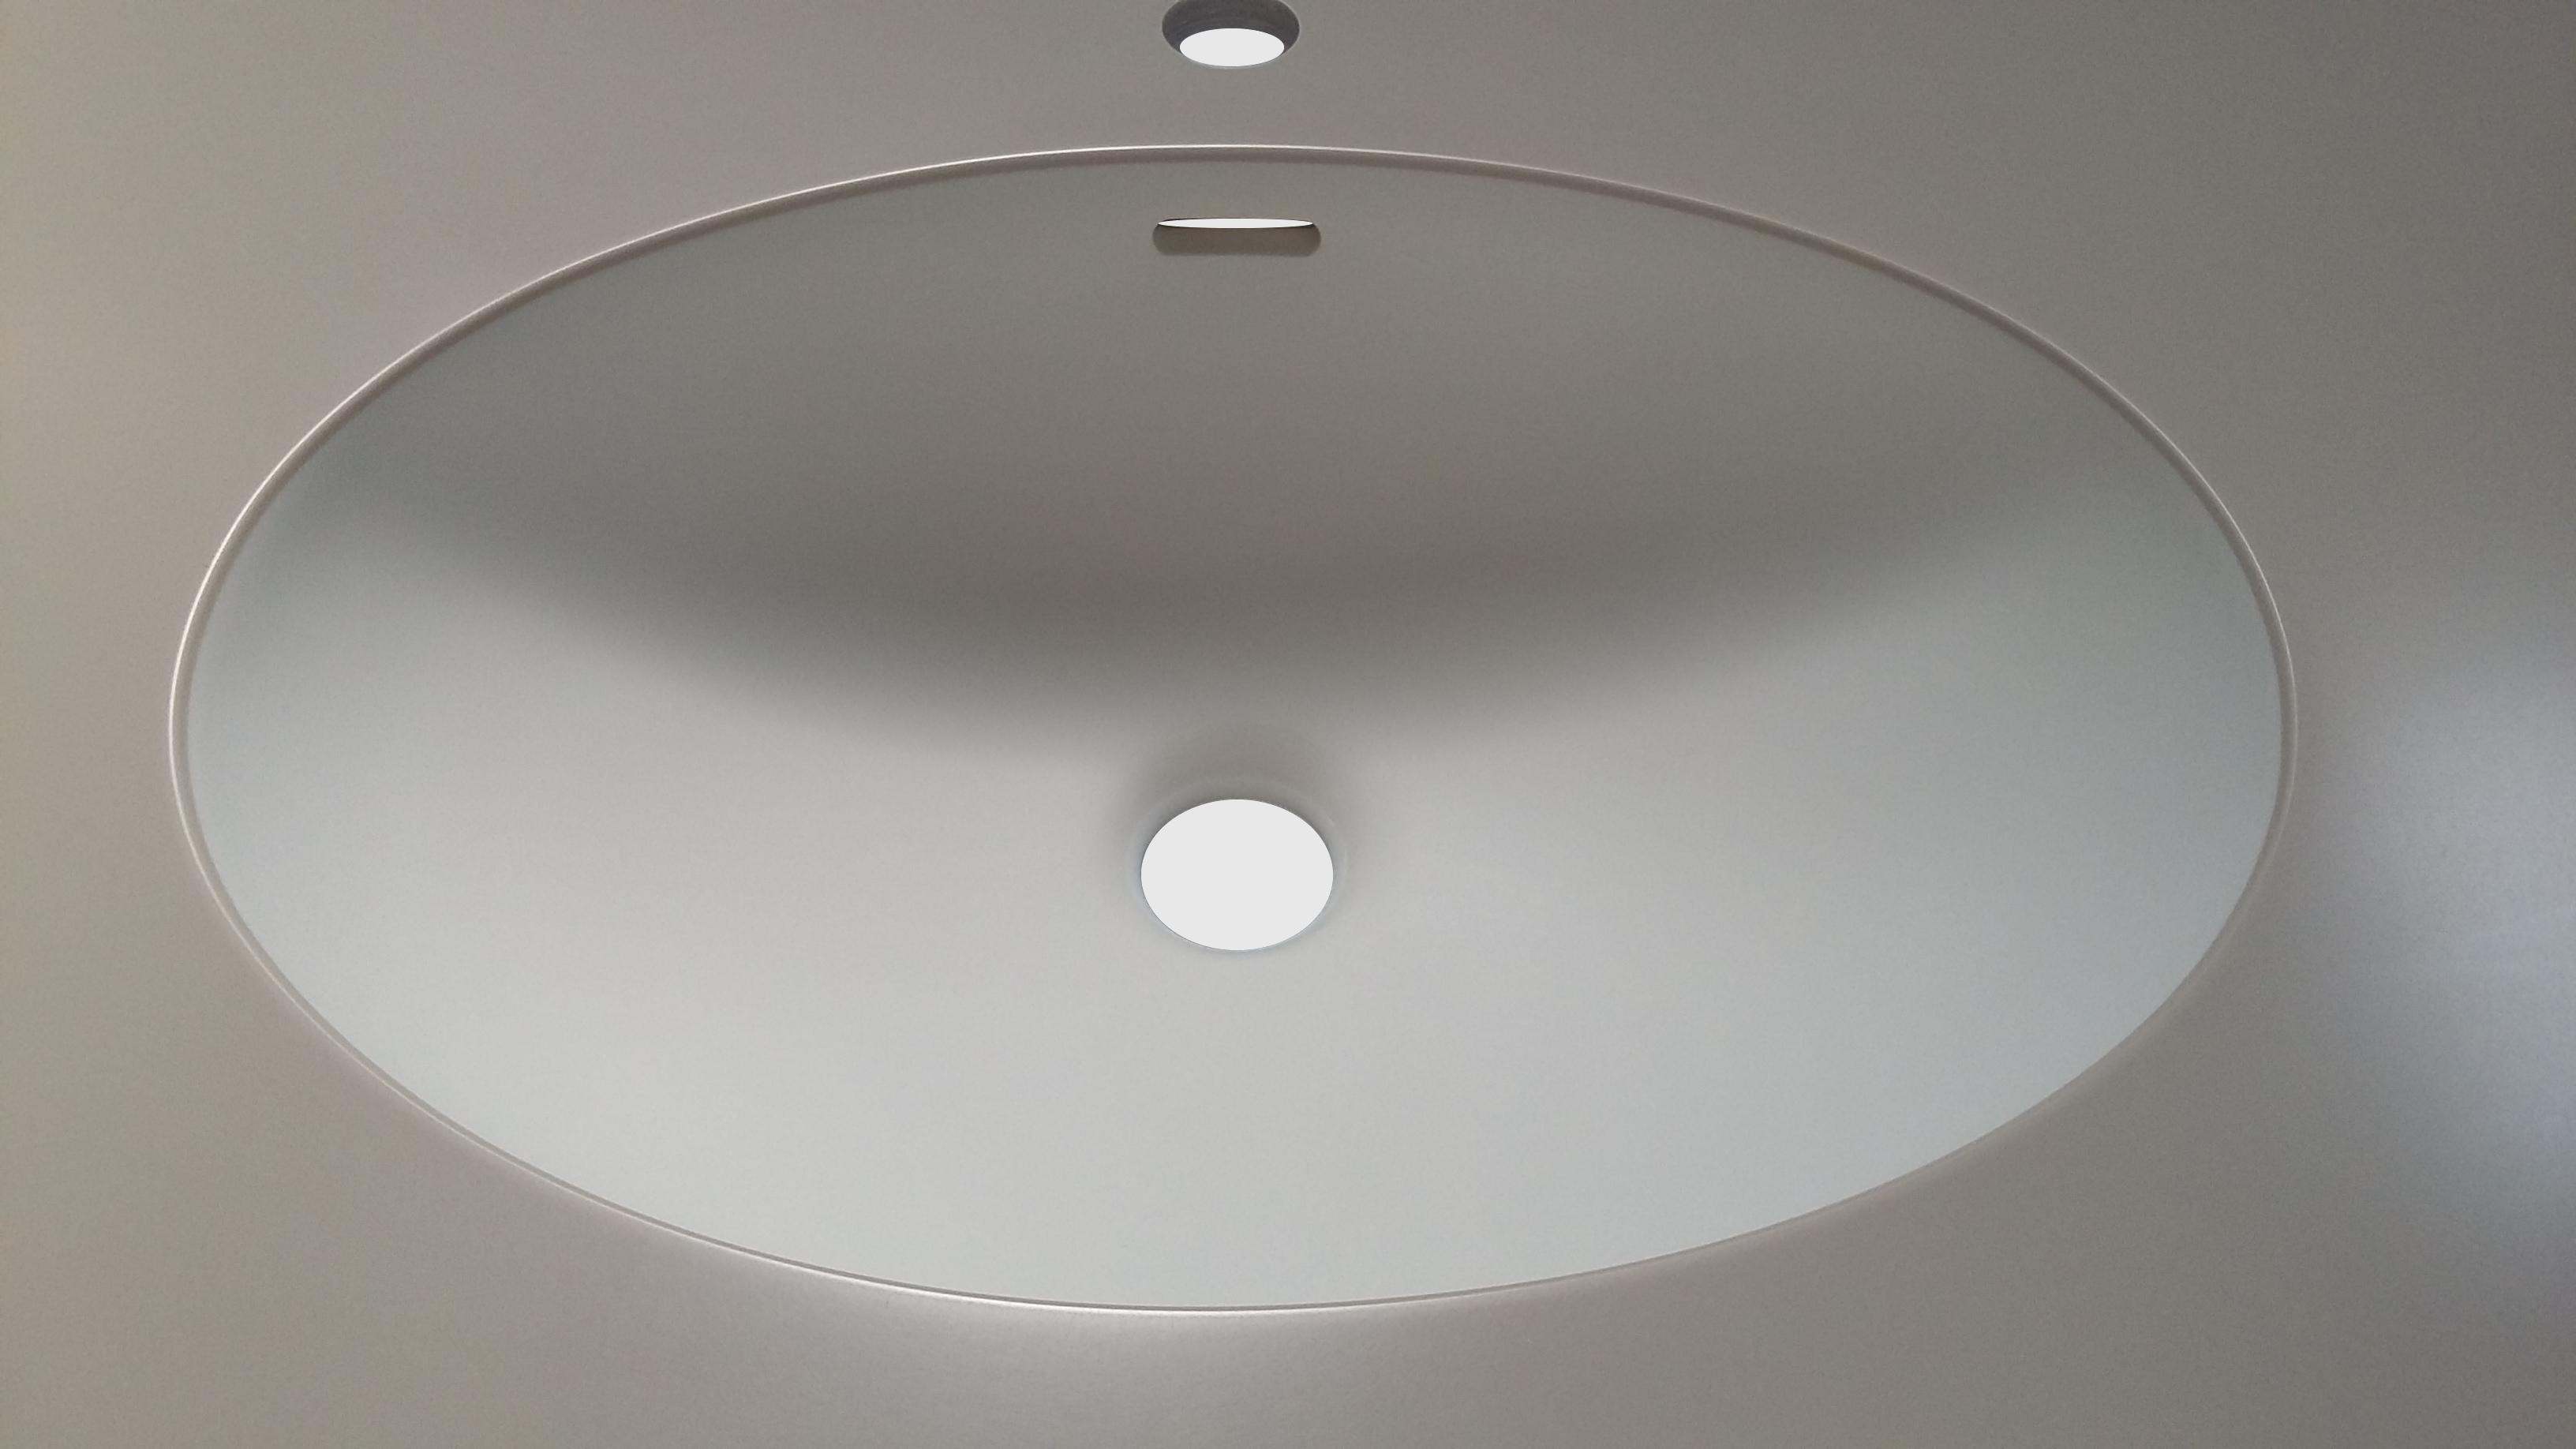 Oval corianvask til badplade isvejst i Dupont Corian bordplade.